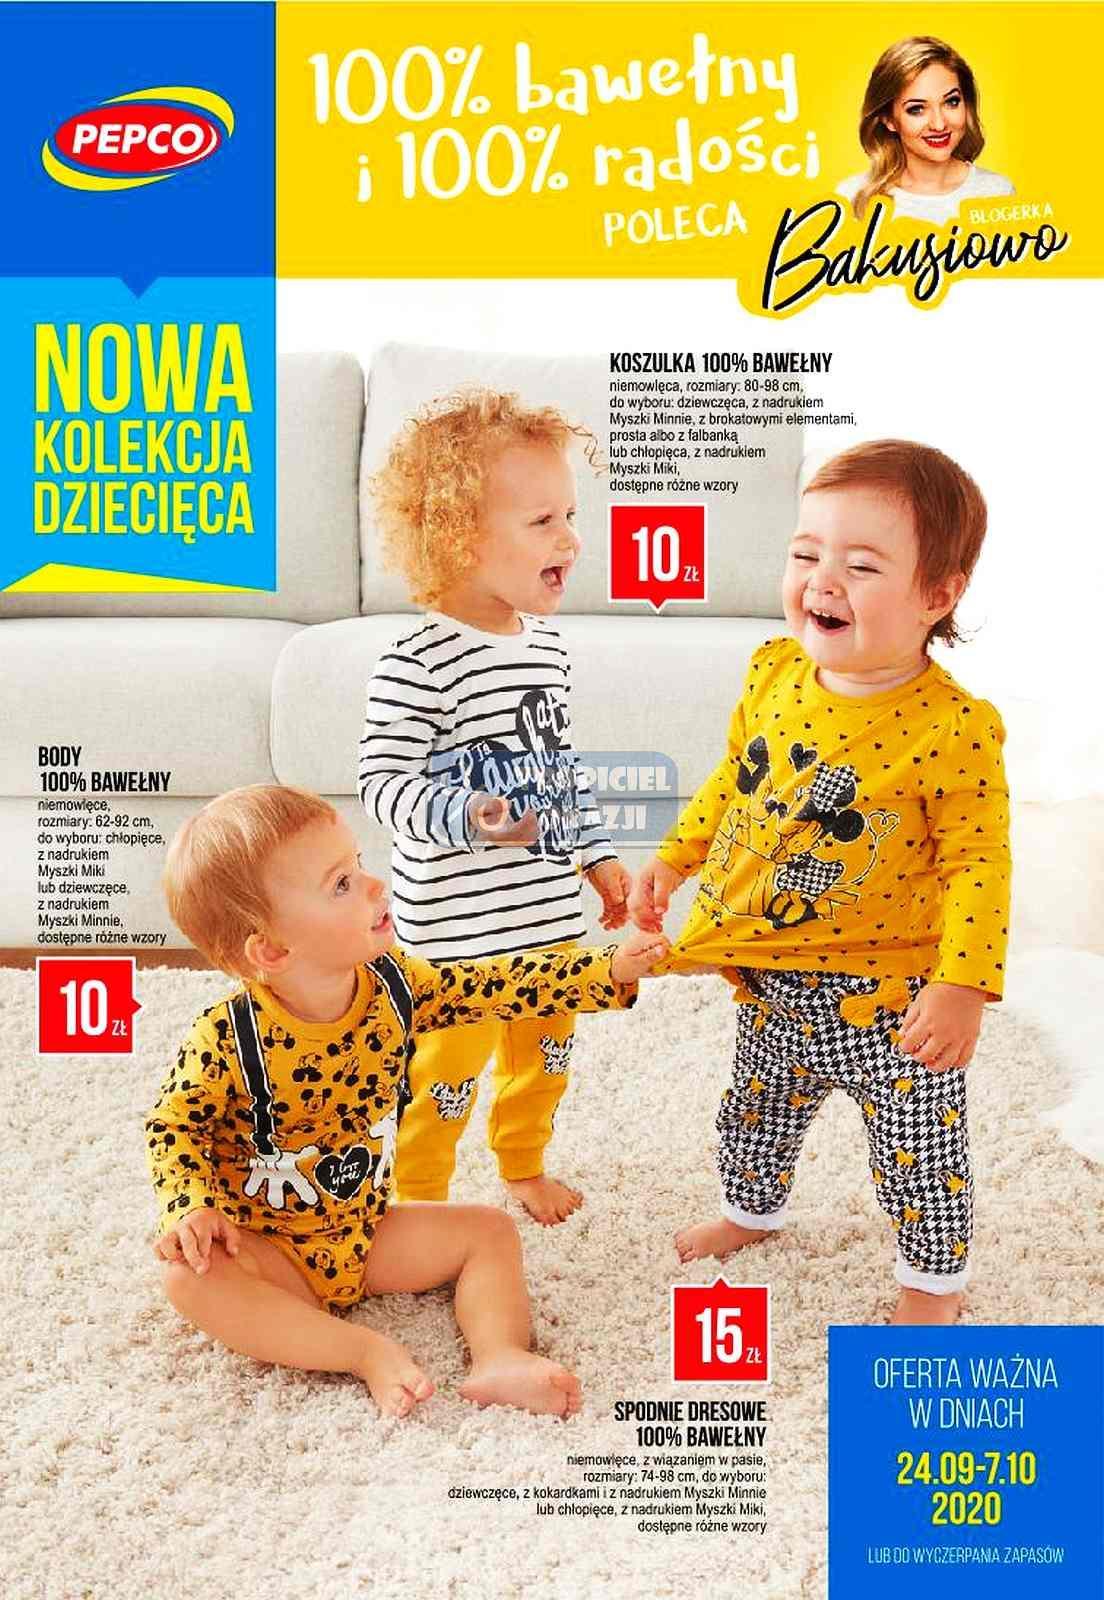 Gazetka promocyjna Pepco do 07/10/2020 str.1